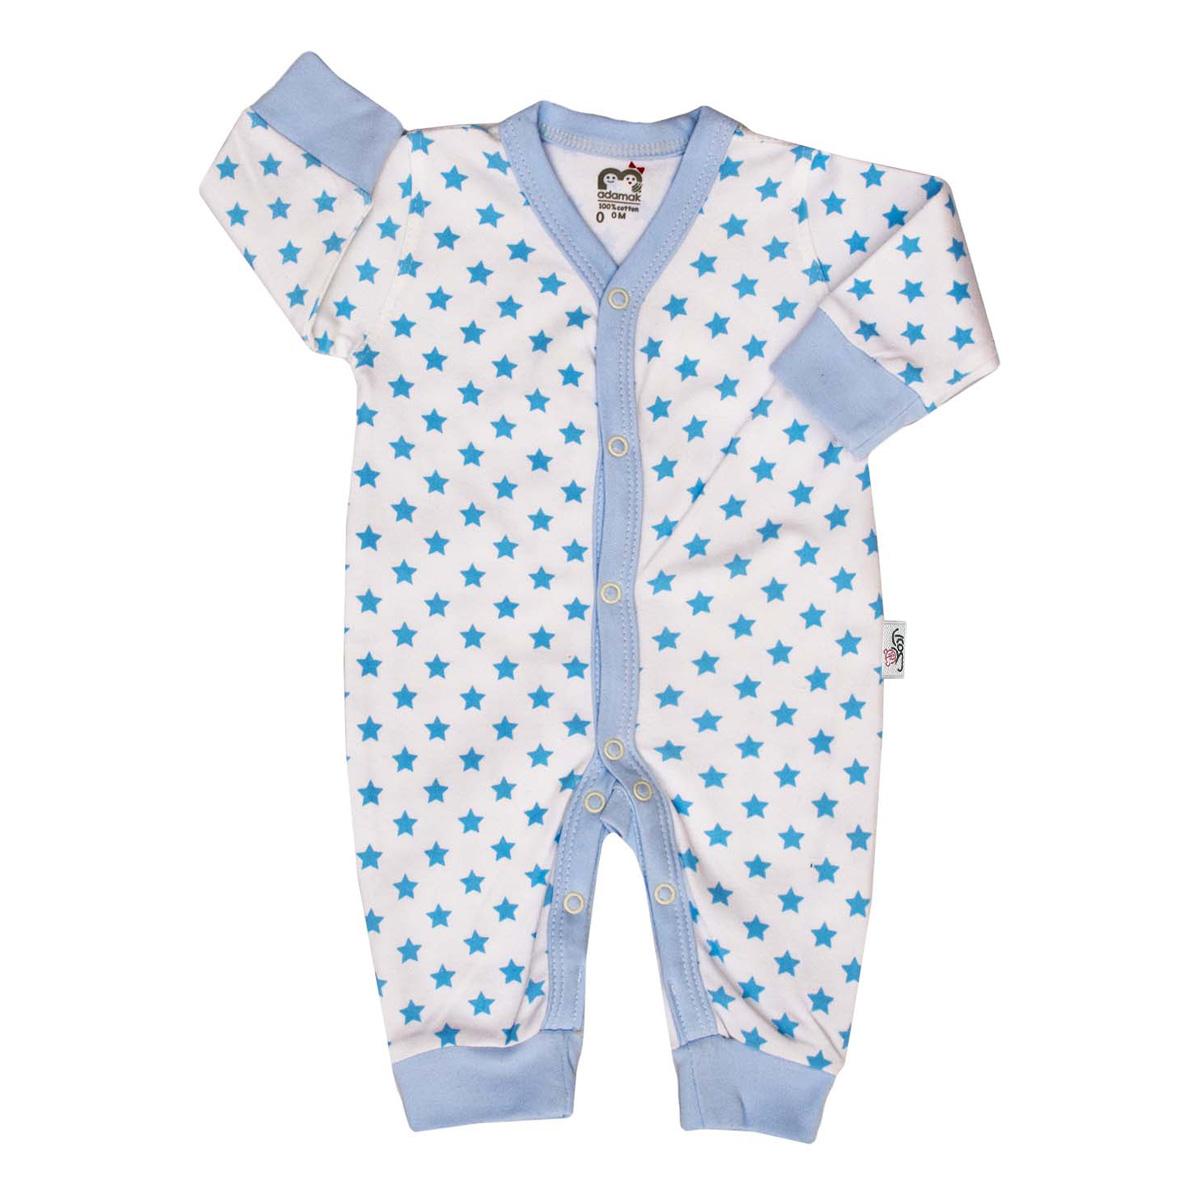 سرهمی نوزادی آدمک طرح ستاره آبی کد 502500